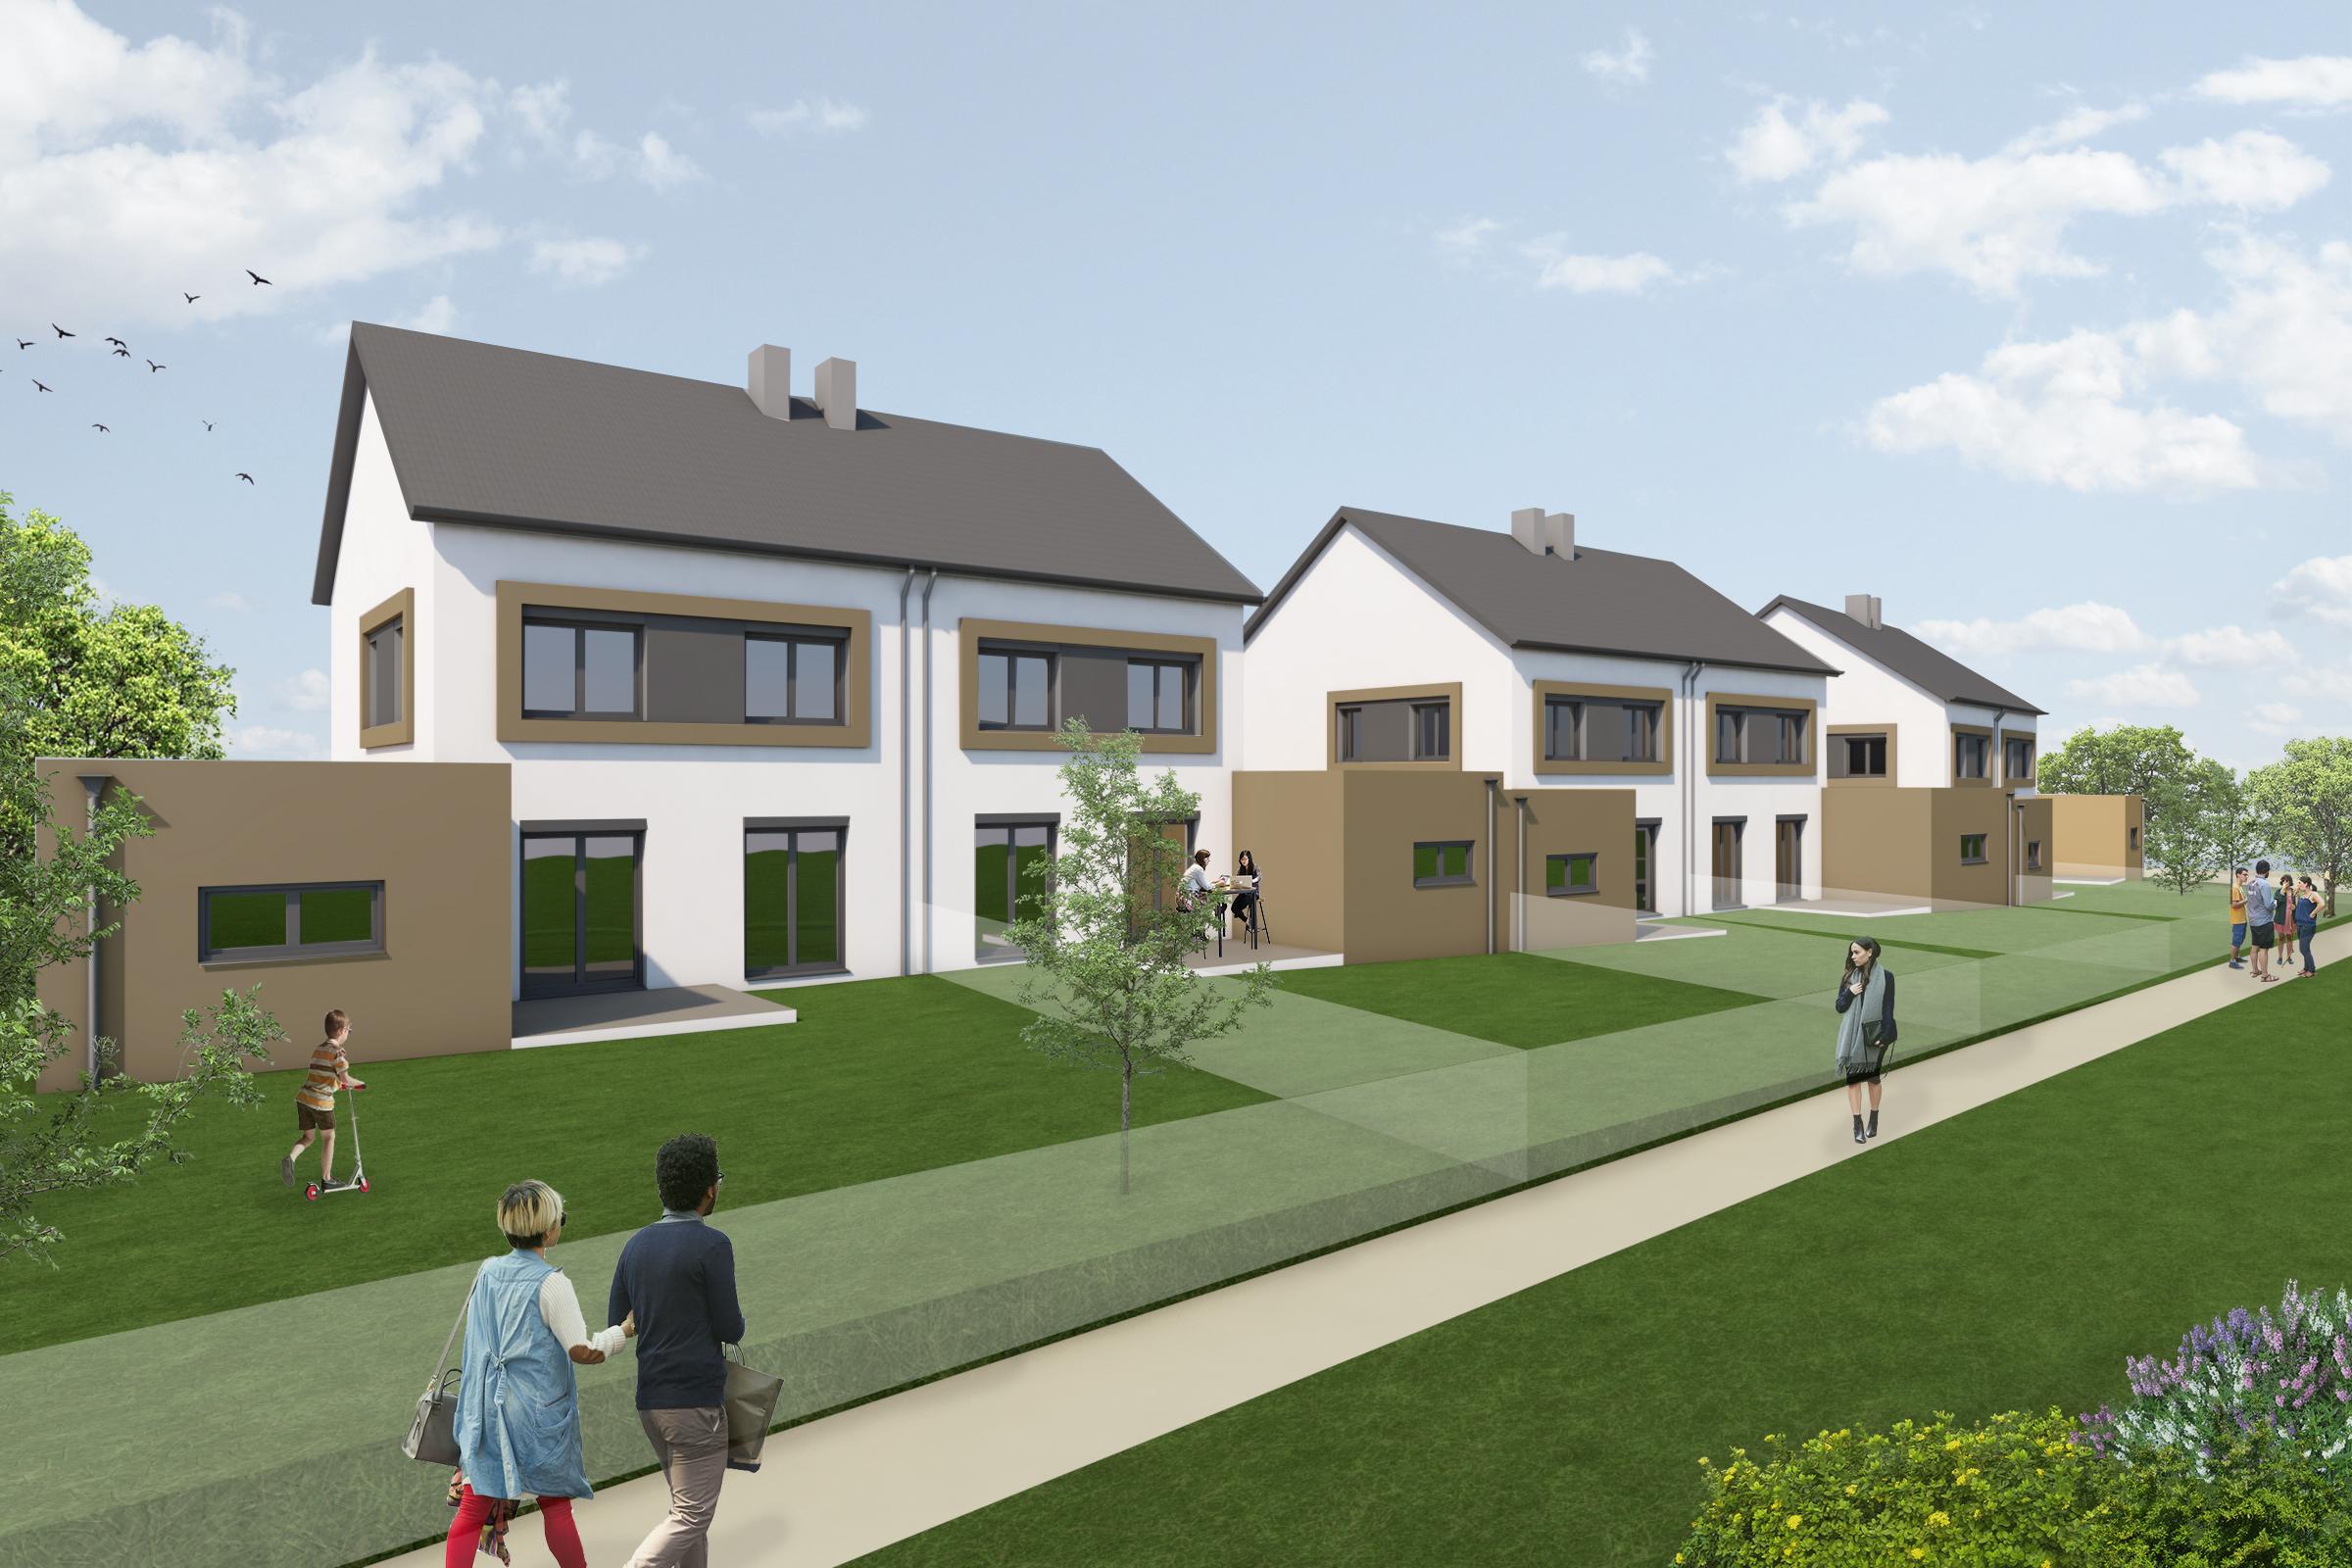 Immobilie von Kamptal in 3830 Waidhofen an der Thaya, Waidhofen an der Thaya, Waidhofen/Thaya II/1 - Top 4 #0